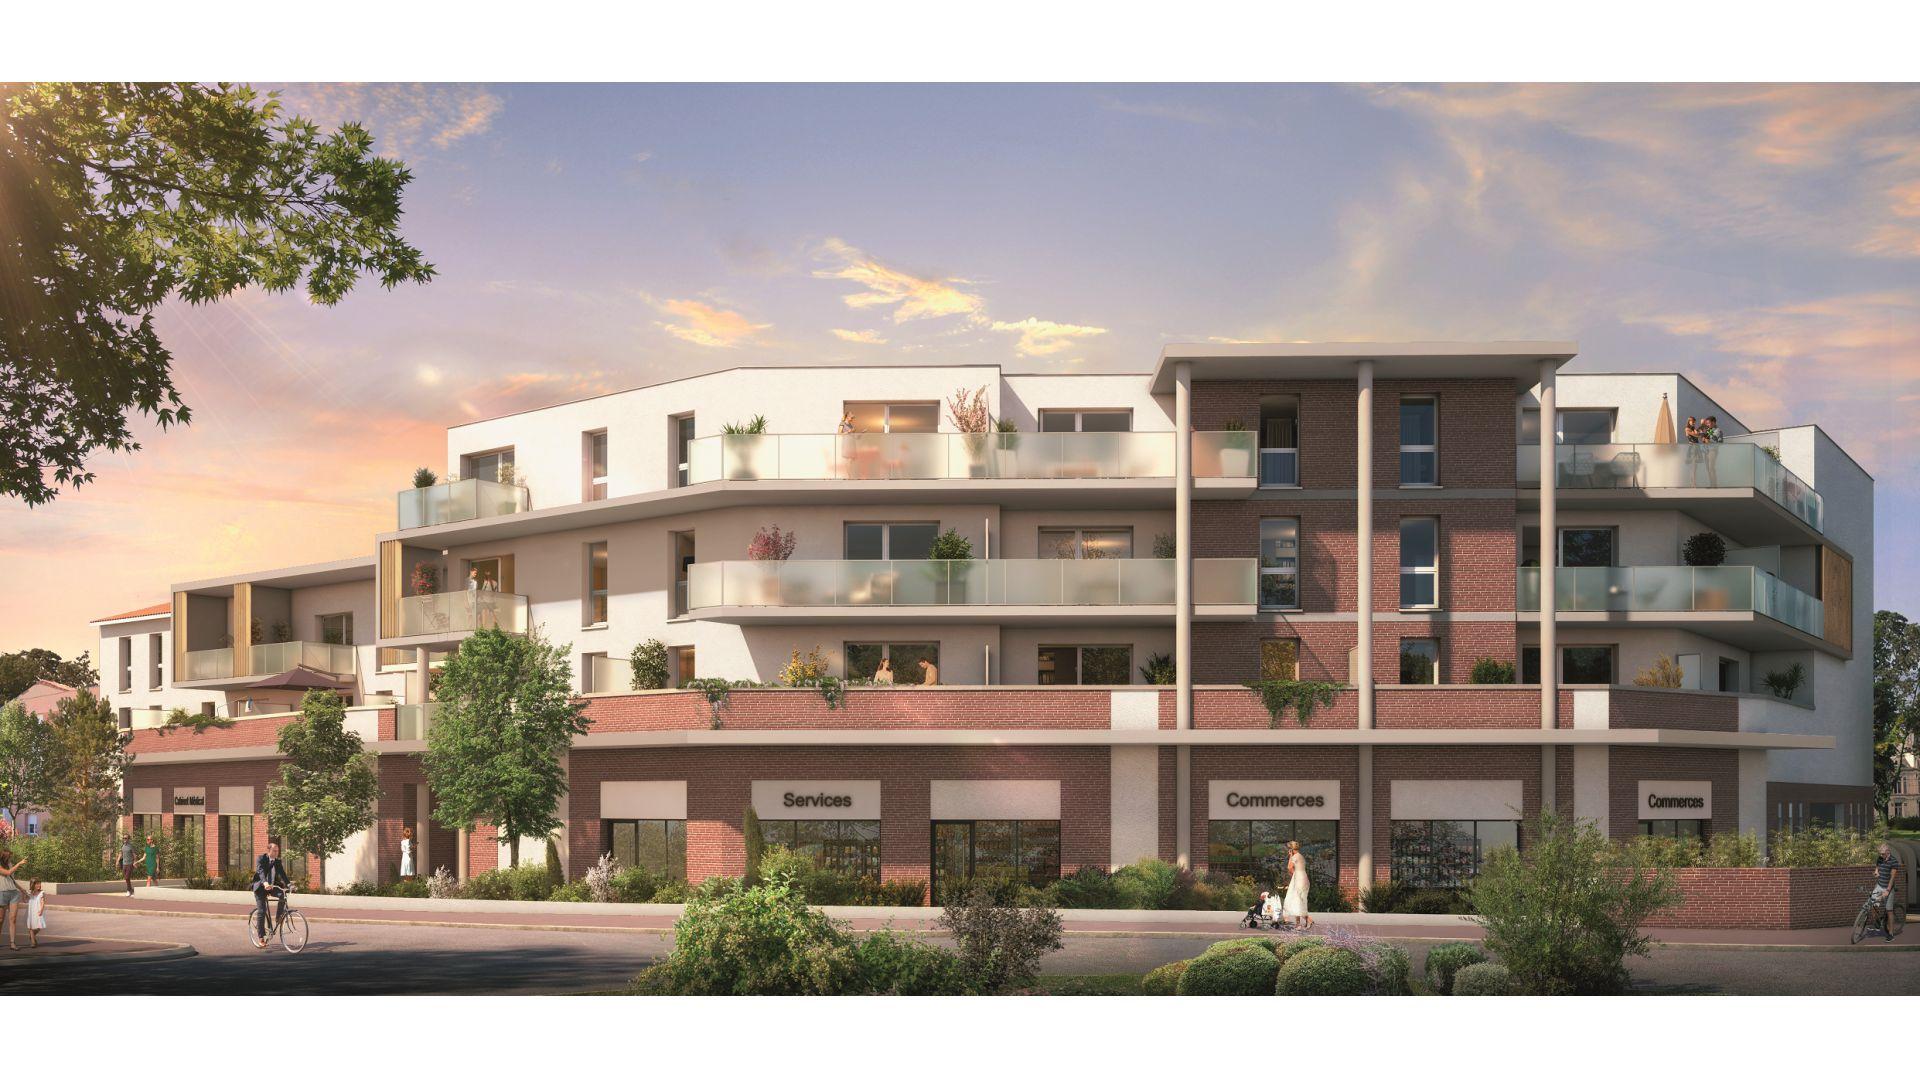 Greencity Immobilier - Le Madison - 31860 Labarthe sur Lèze - achat appartements neufs du T2 au T3